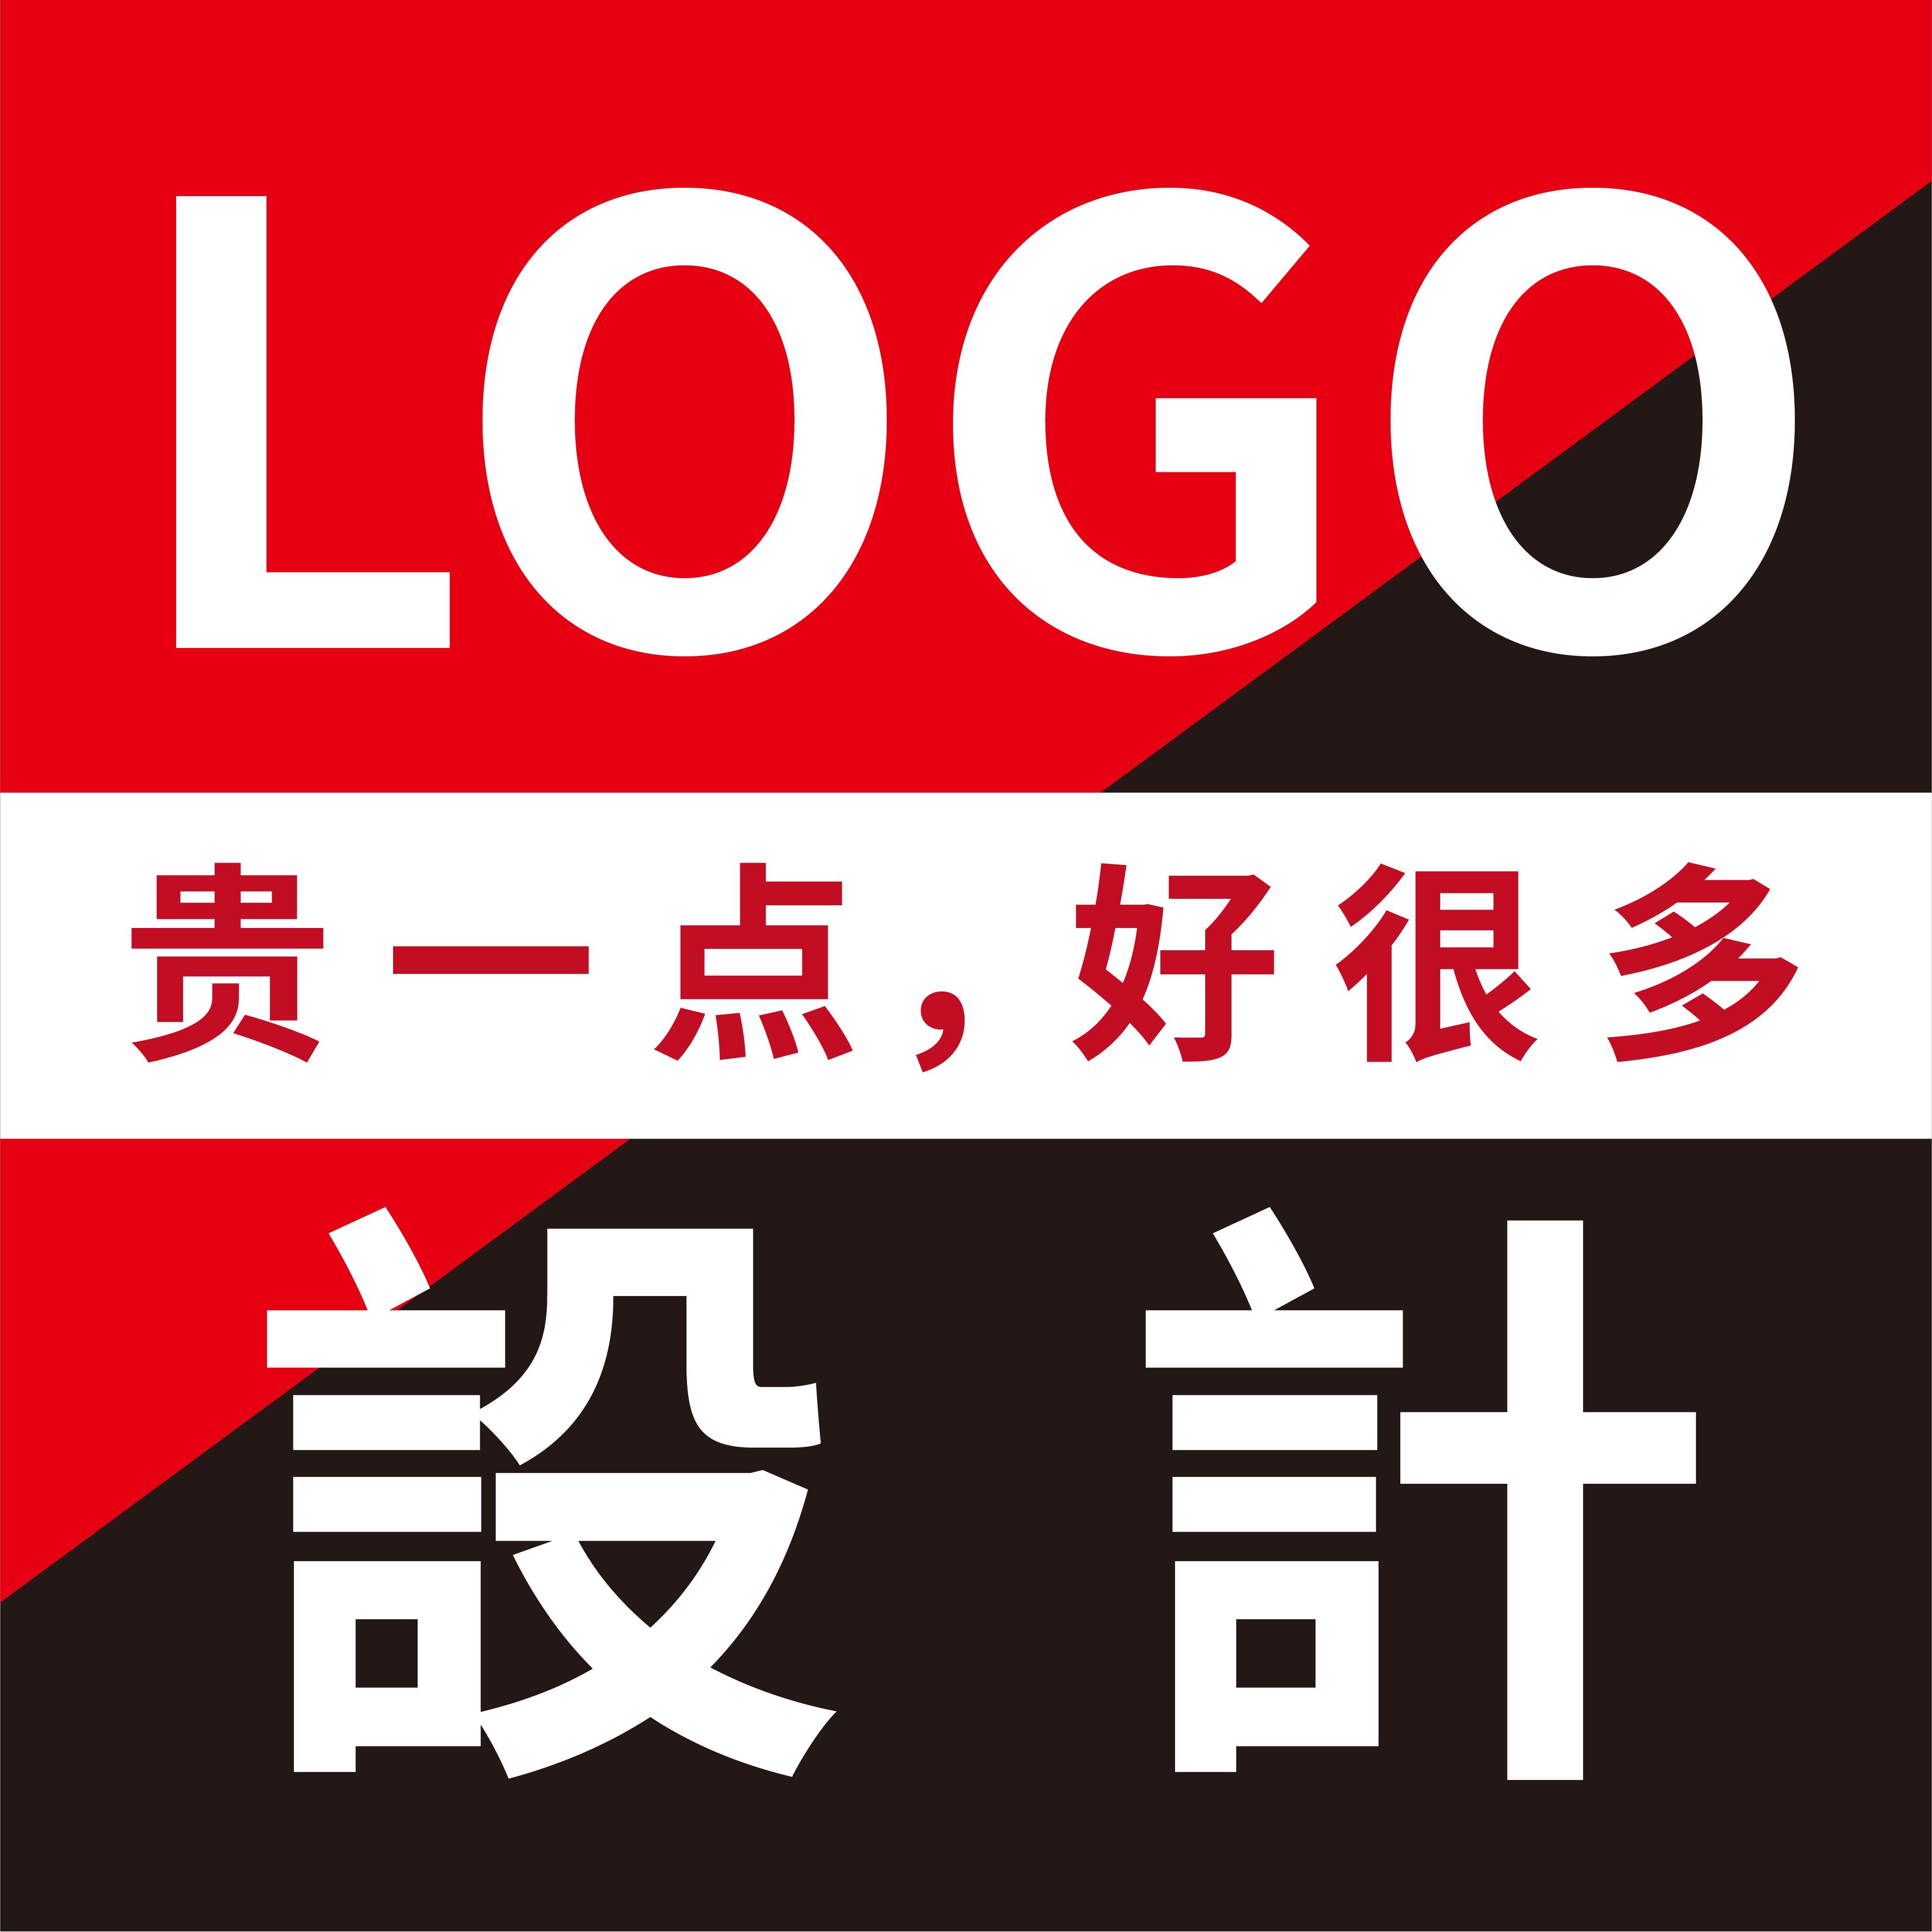 企业公司品牌logo设计图文标志商标图标LOGO平面豪华套餐